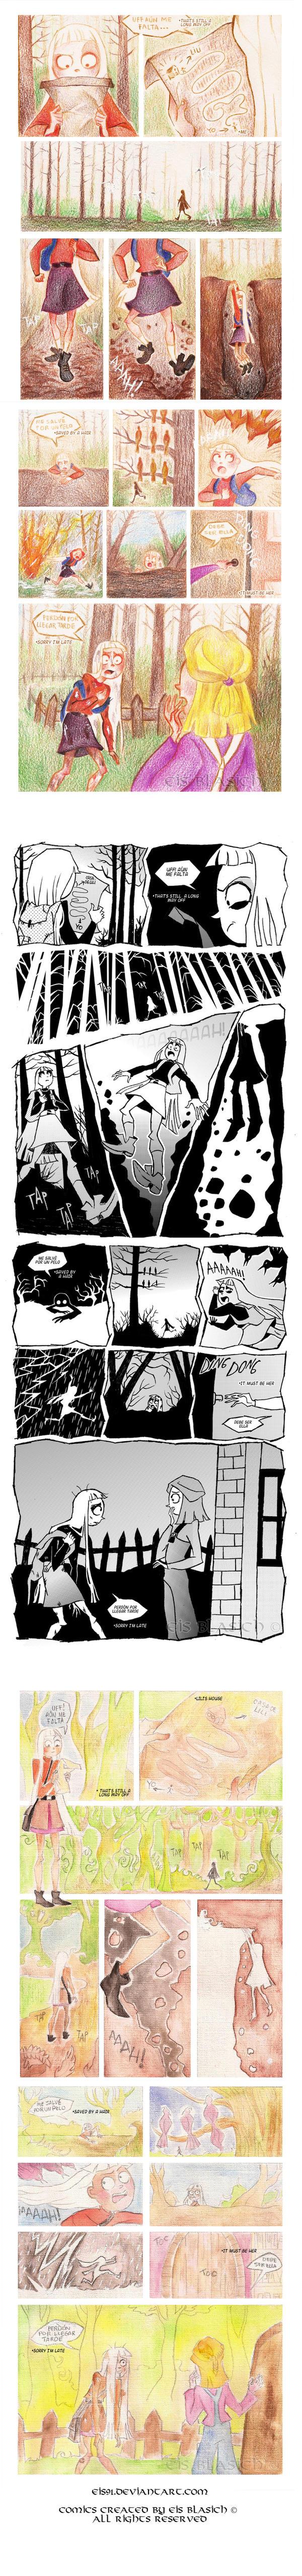 Comic work-  adventure-terror-fantasy by Eis-Blasich